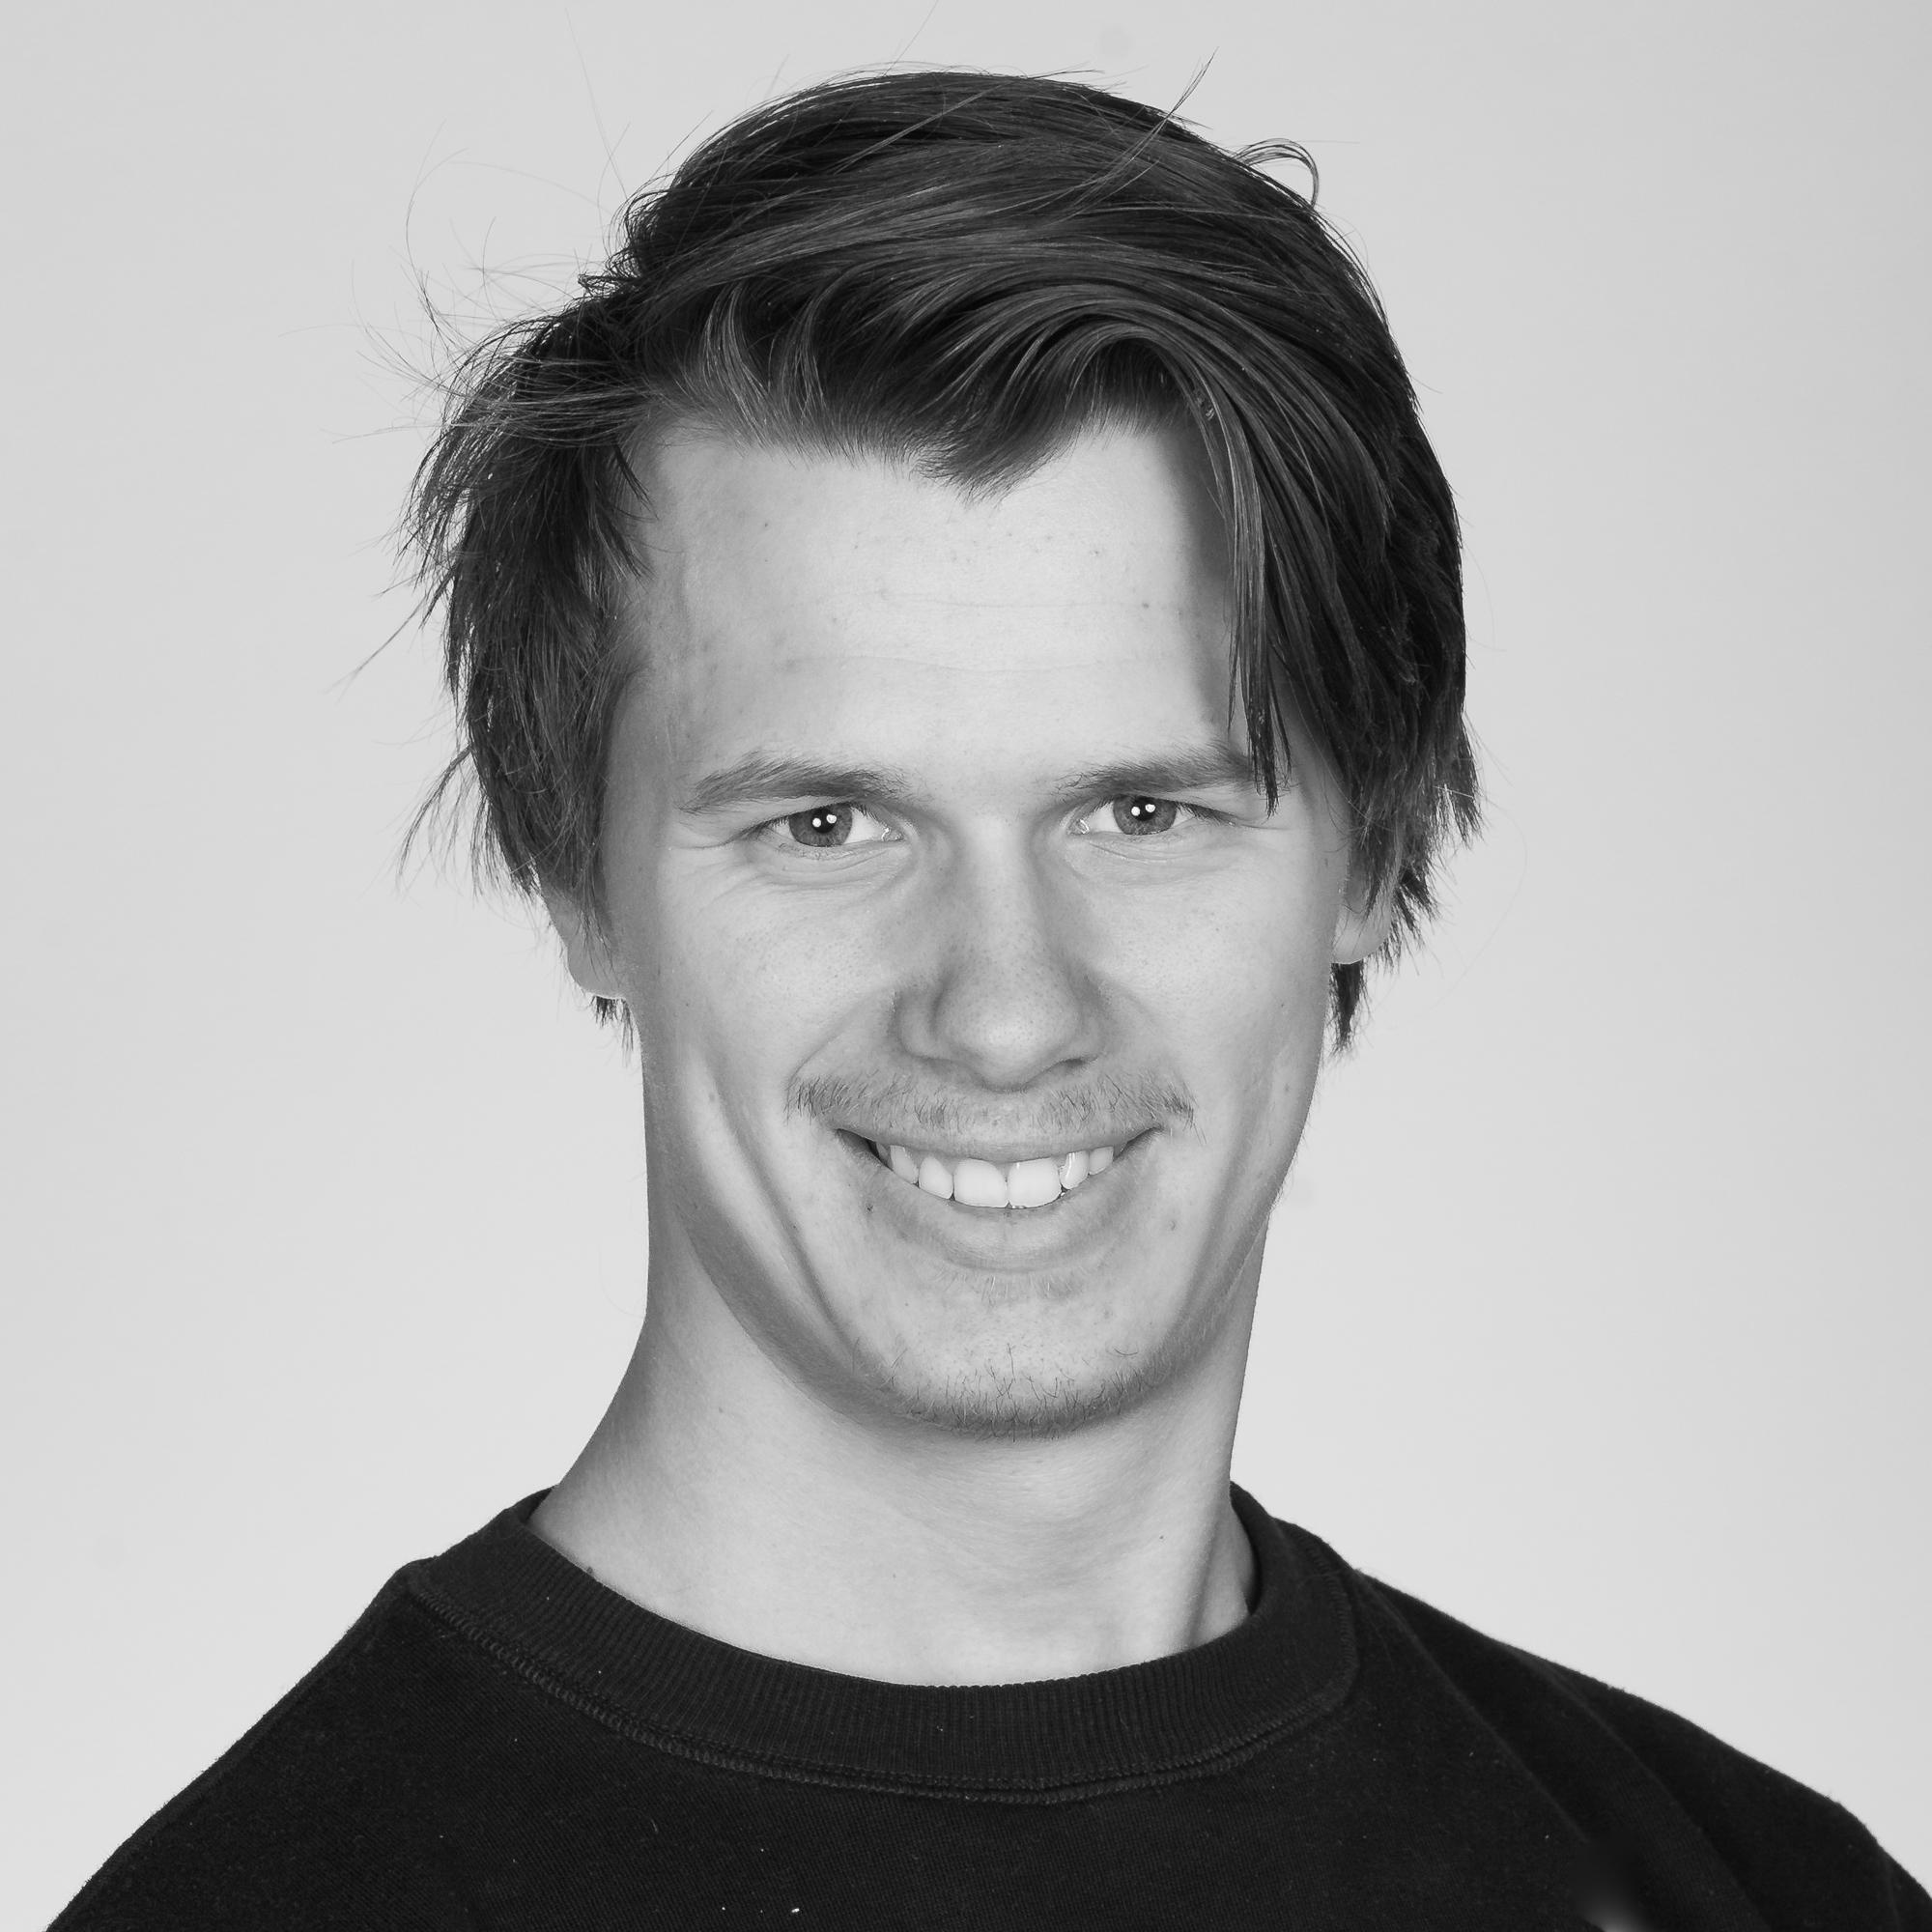 Haakon Tuveng Berger